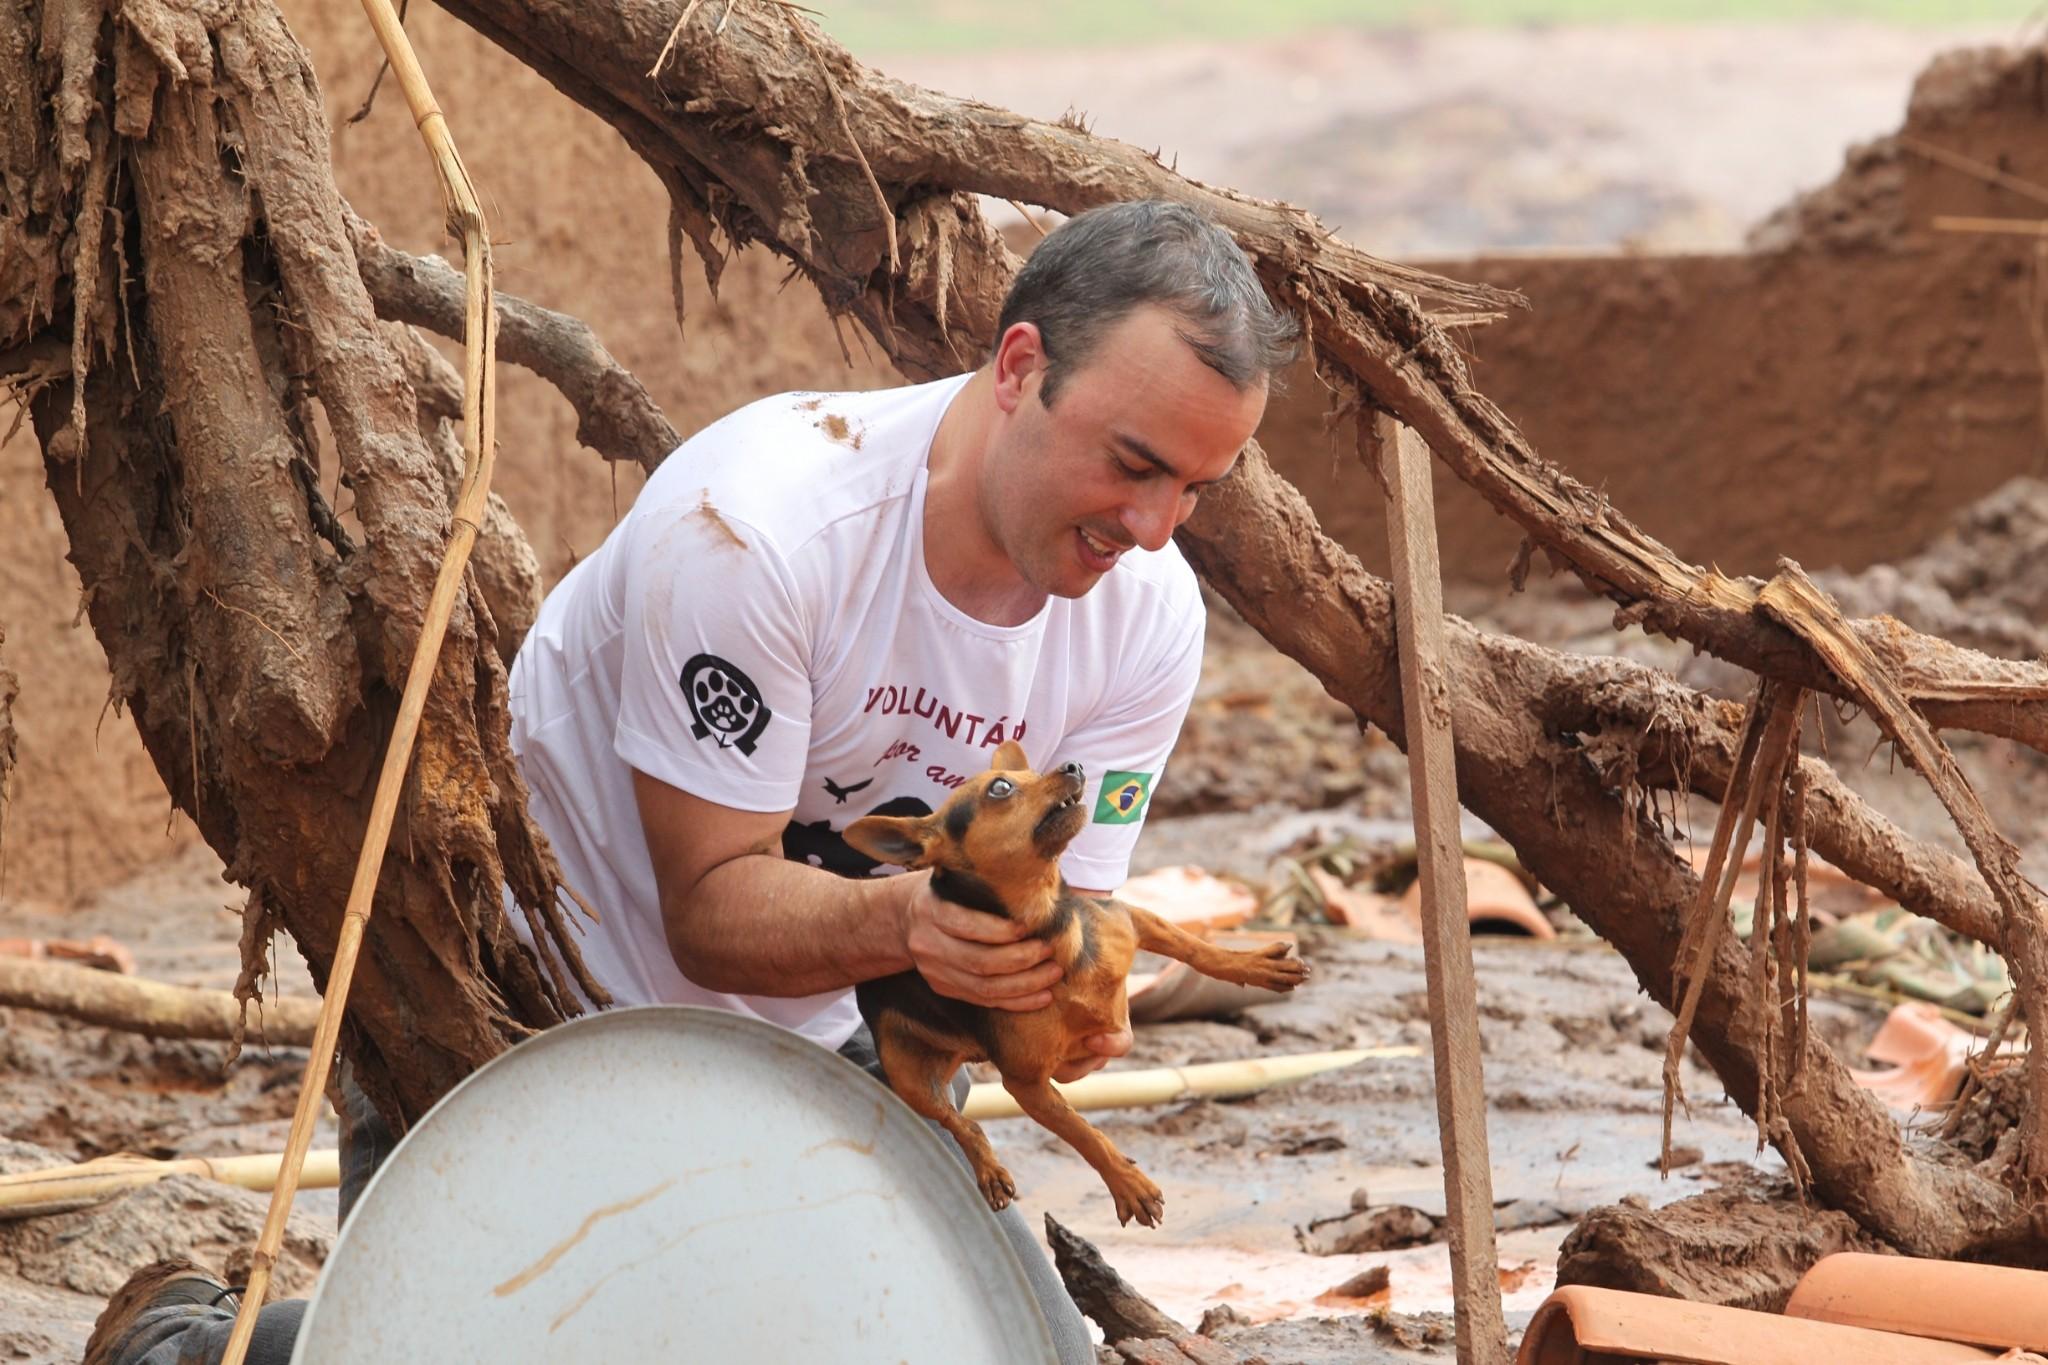 MG - MARIANA/ACIDENTE/BARRAGEM - GERAL - Animais que foram resgatados em Bento Rodrigues, distrito de Mariana (MG), região que foi atingida pelo rompimento de duas barragens da mineradora Samarco. Equipes de resgate de Minas Gerais continuam neste domingo, dia 08, as buscas por possíveis vítimas do acidente. 08/11/2015 - Foto: MÁRCIO FERNANDES/ESTADÃO CONTEÚDO